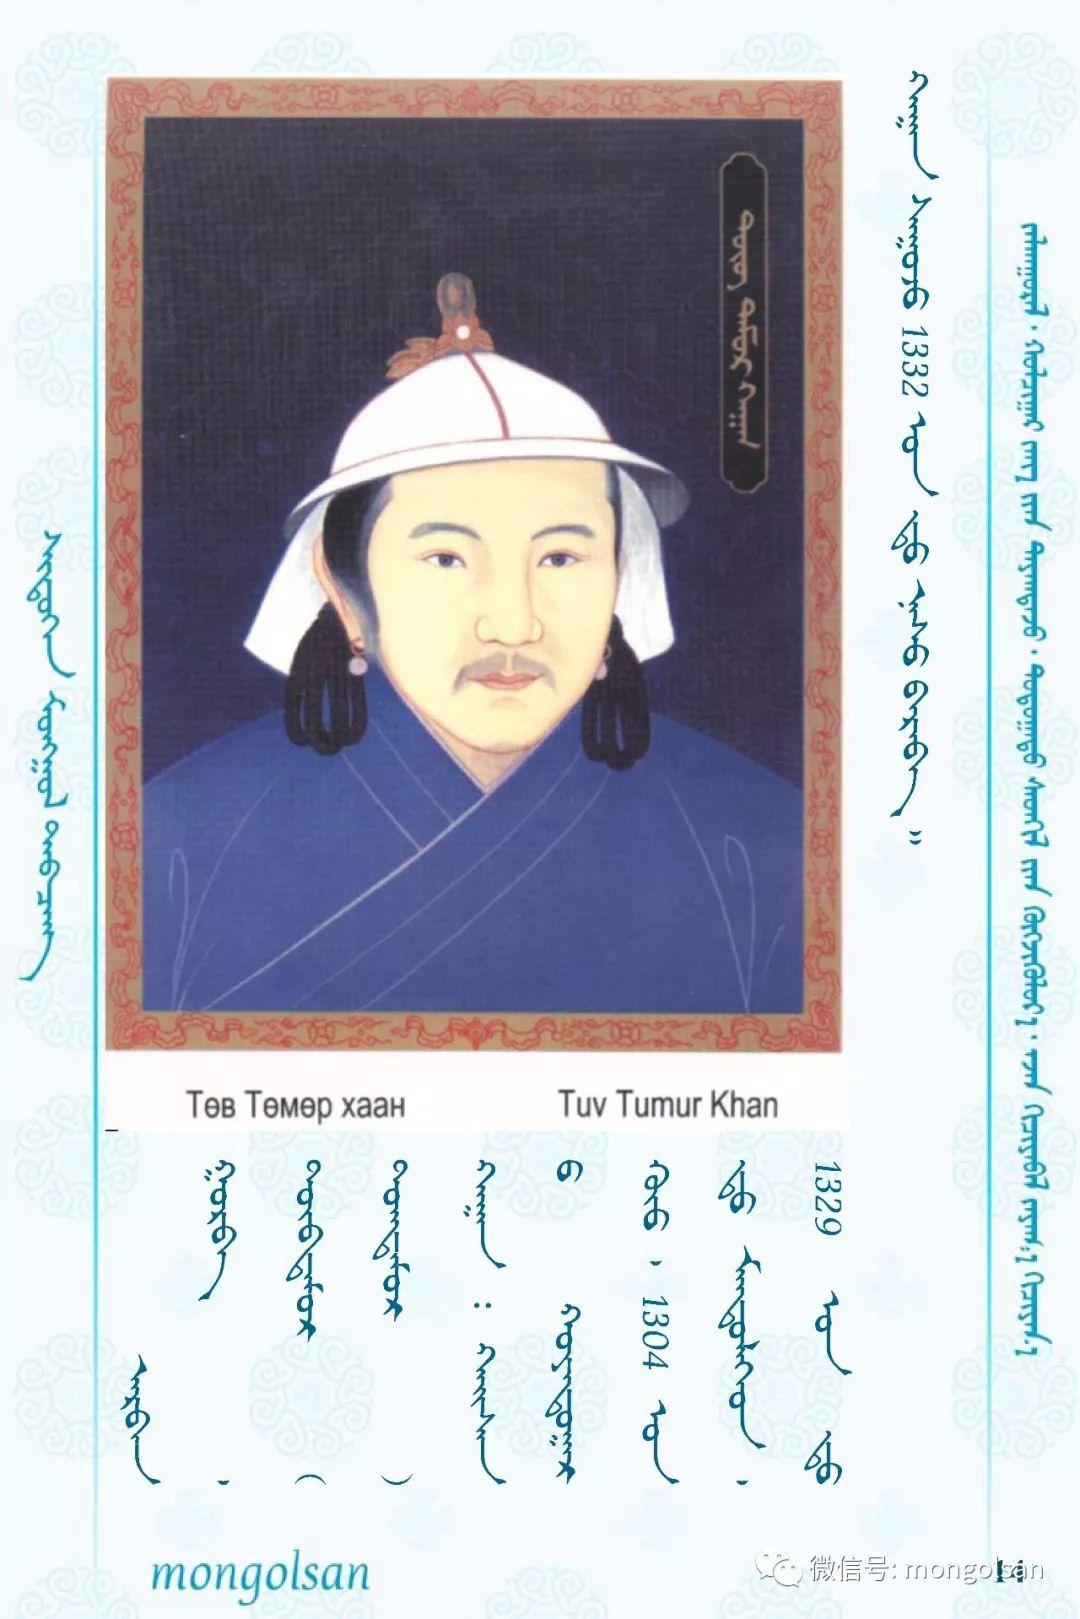 【关注】蒙古皇帝列表 第14张